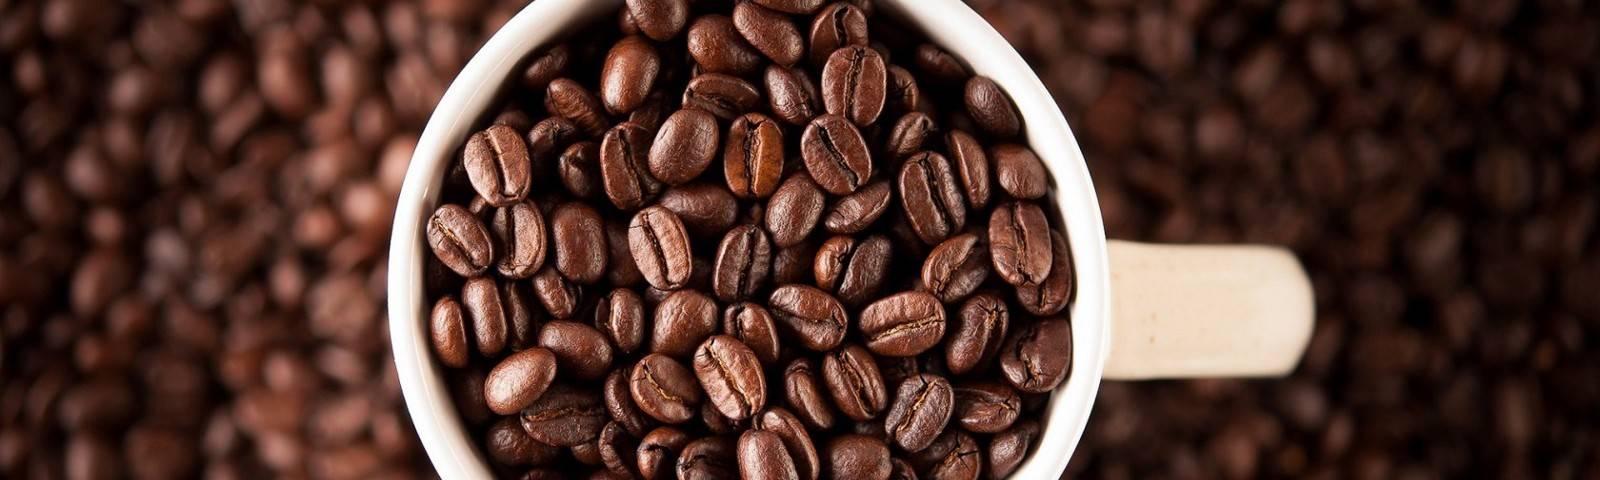 Кофе либерика: особенности сорта кофейных зерен и как пить